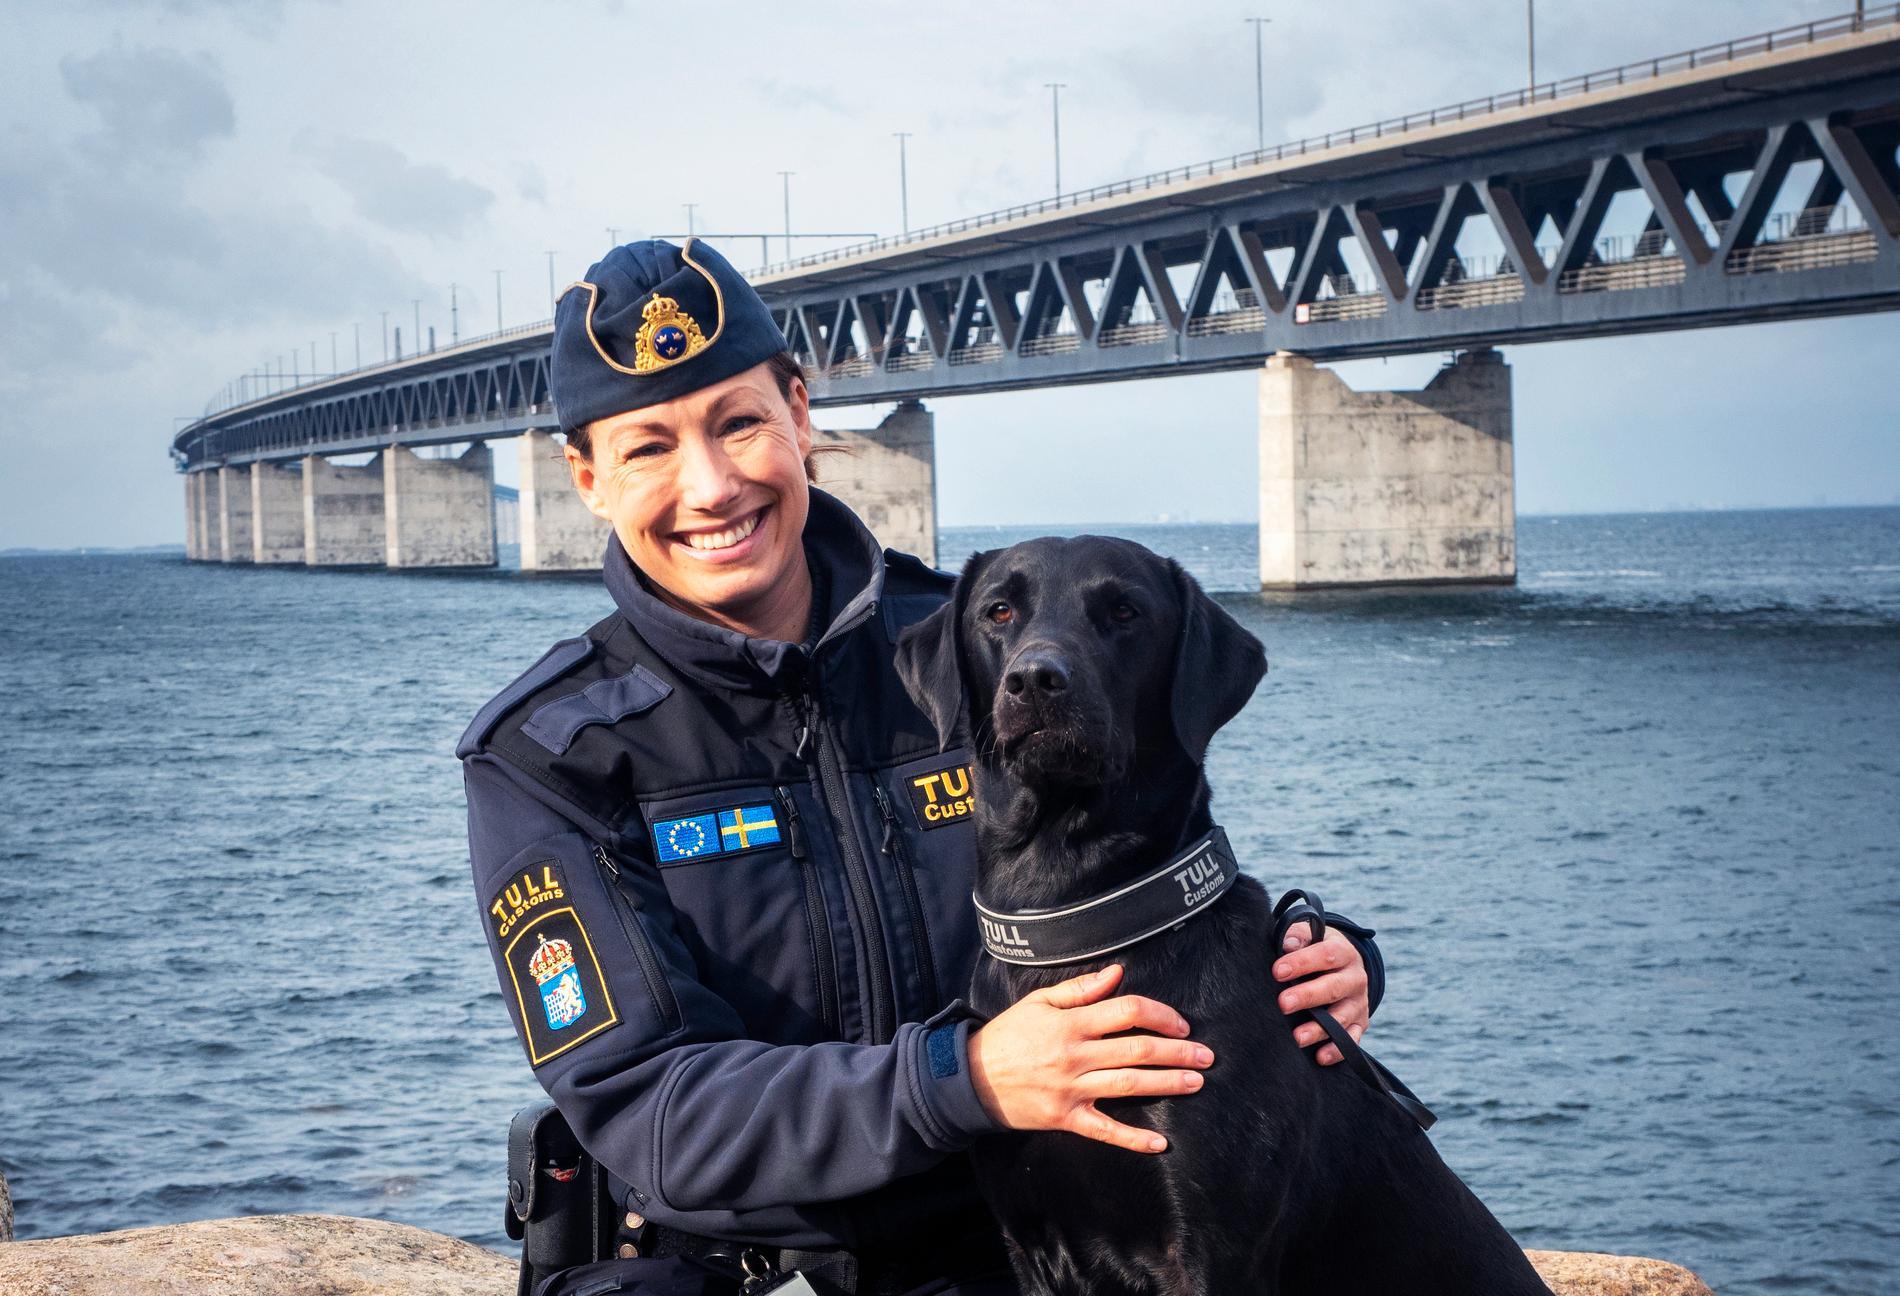 Hunden Atte, som tjänstgör vid Brottbekämpningsgrupp Malmö med sin förare Josefin Frid, har utnämnts till Årets narkotikasökhund 2019.